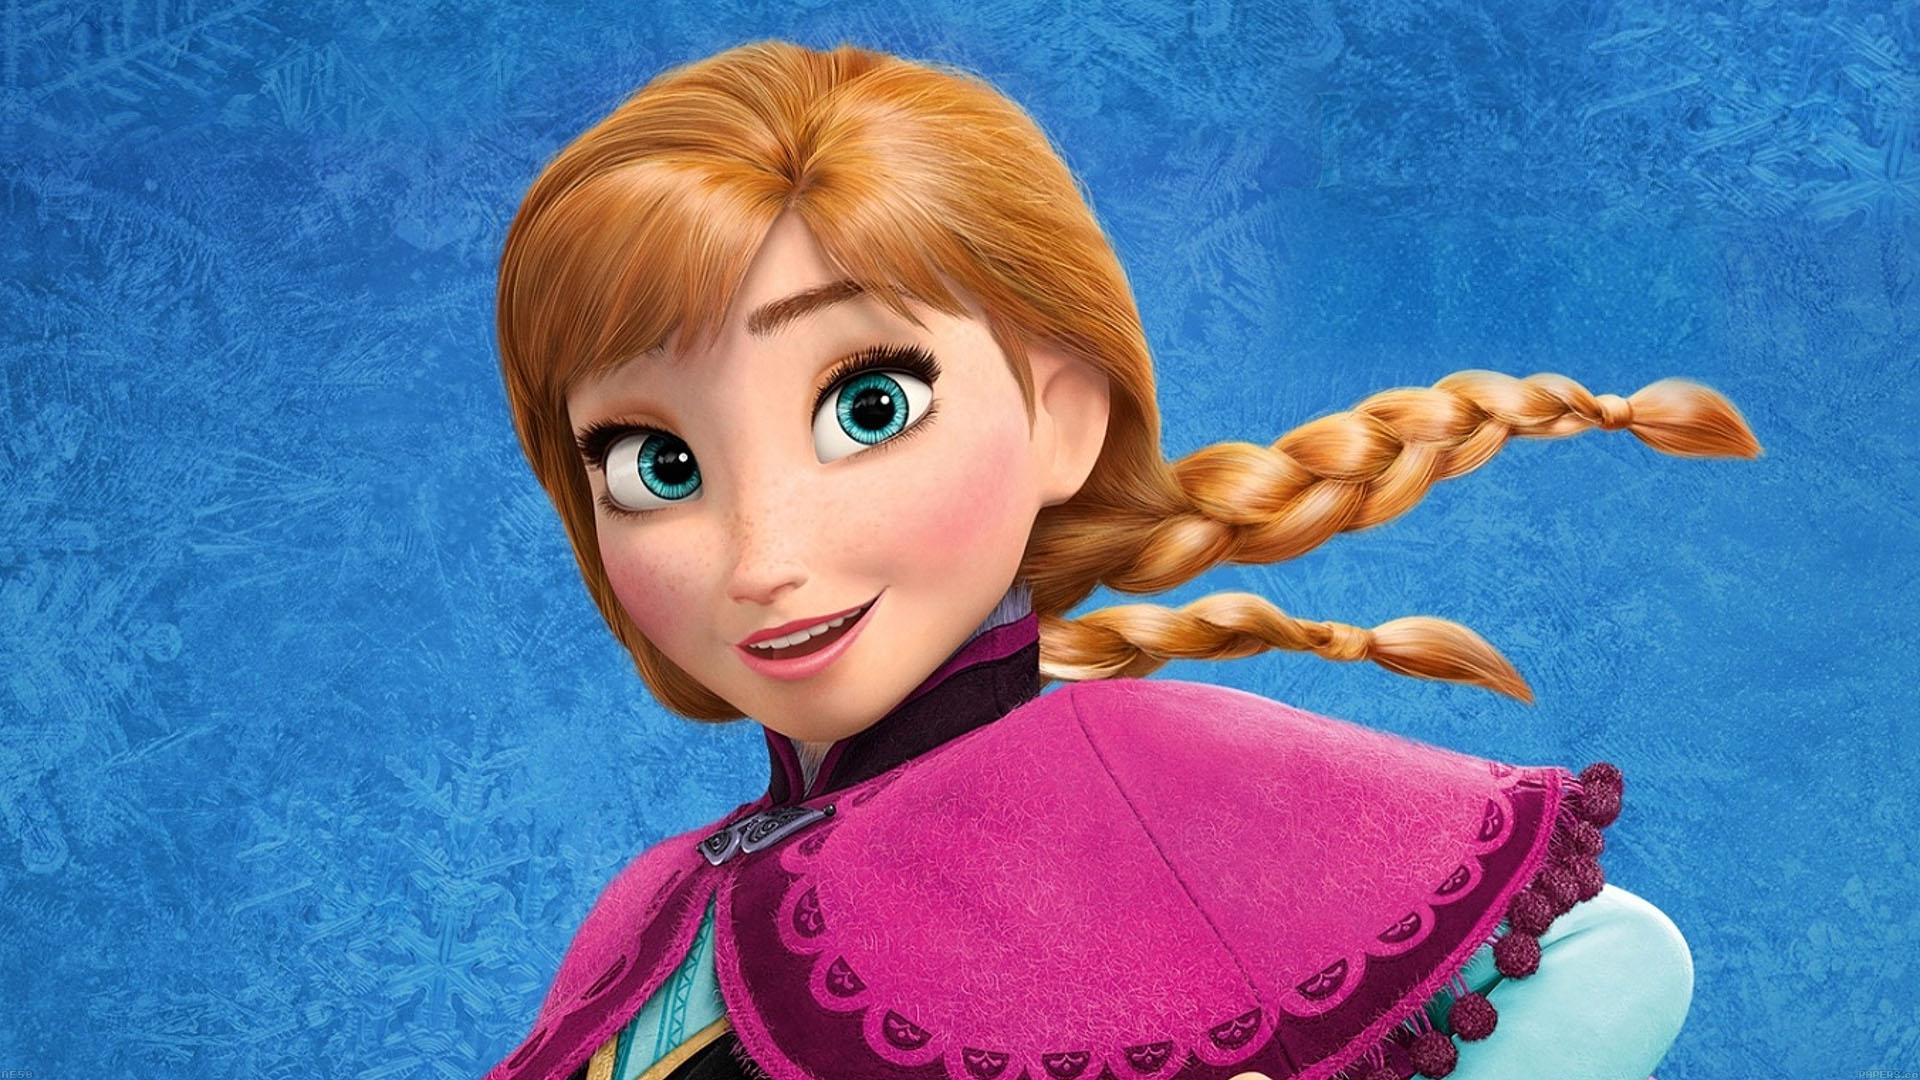 Fall Sunset Anime Wallpaper Ae50 Frozen Disney Princess Anna Of Arendelle Illust